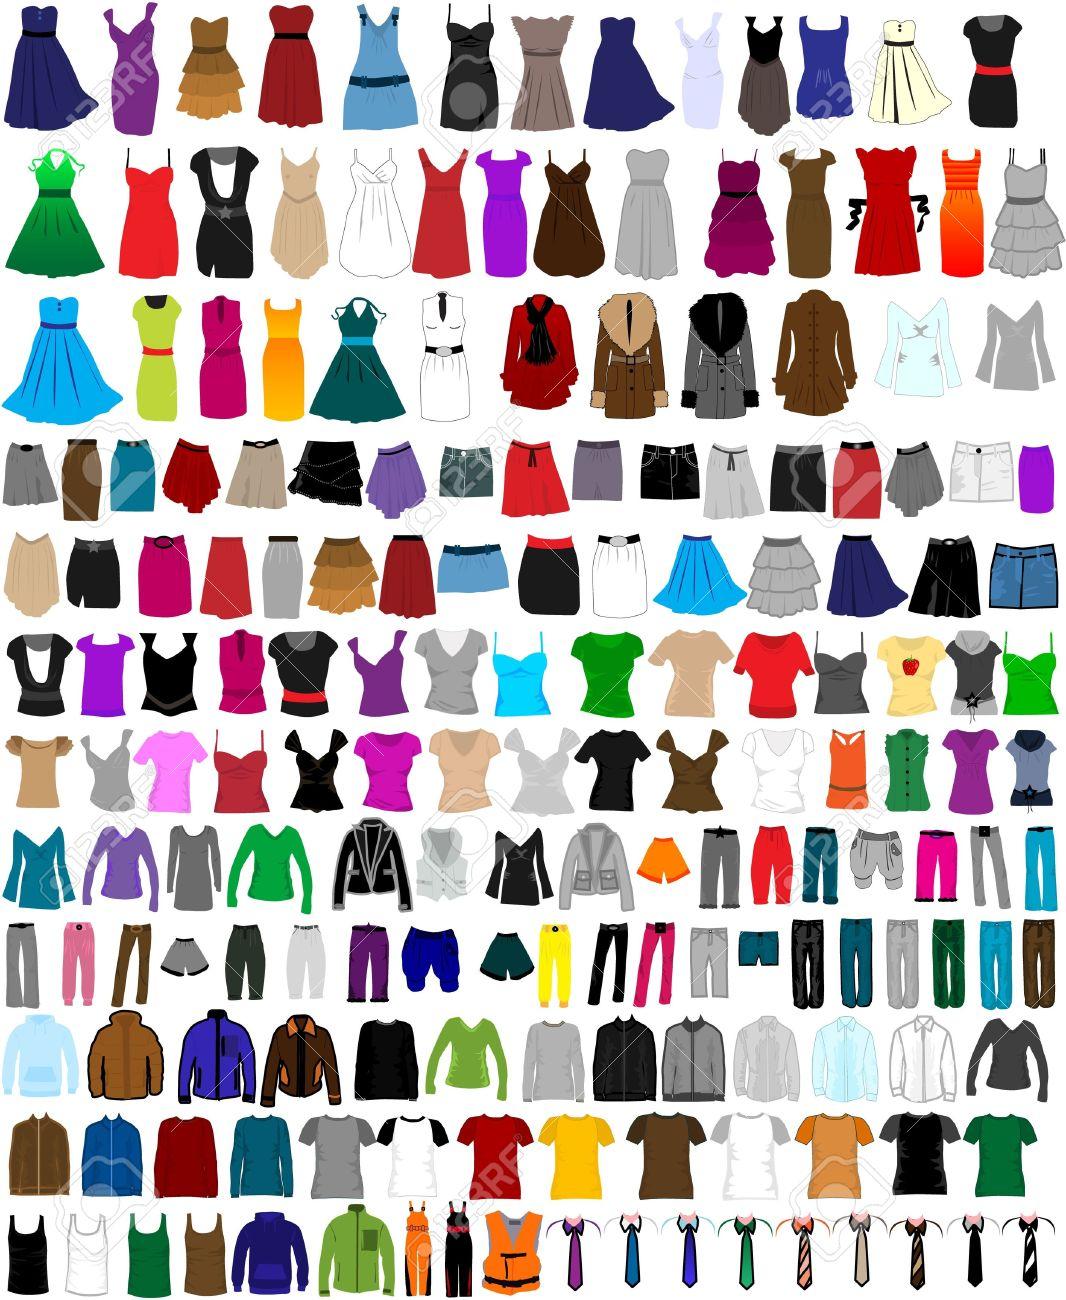 gran conjunto de ropa para hombres y mujeres foto de archivo